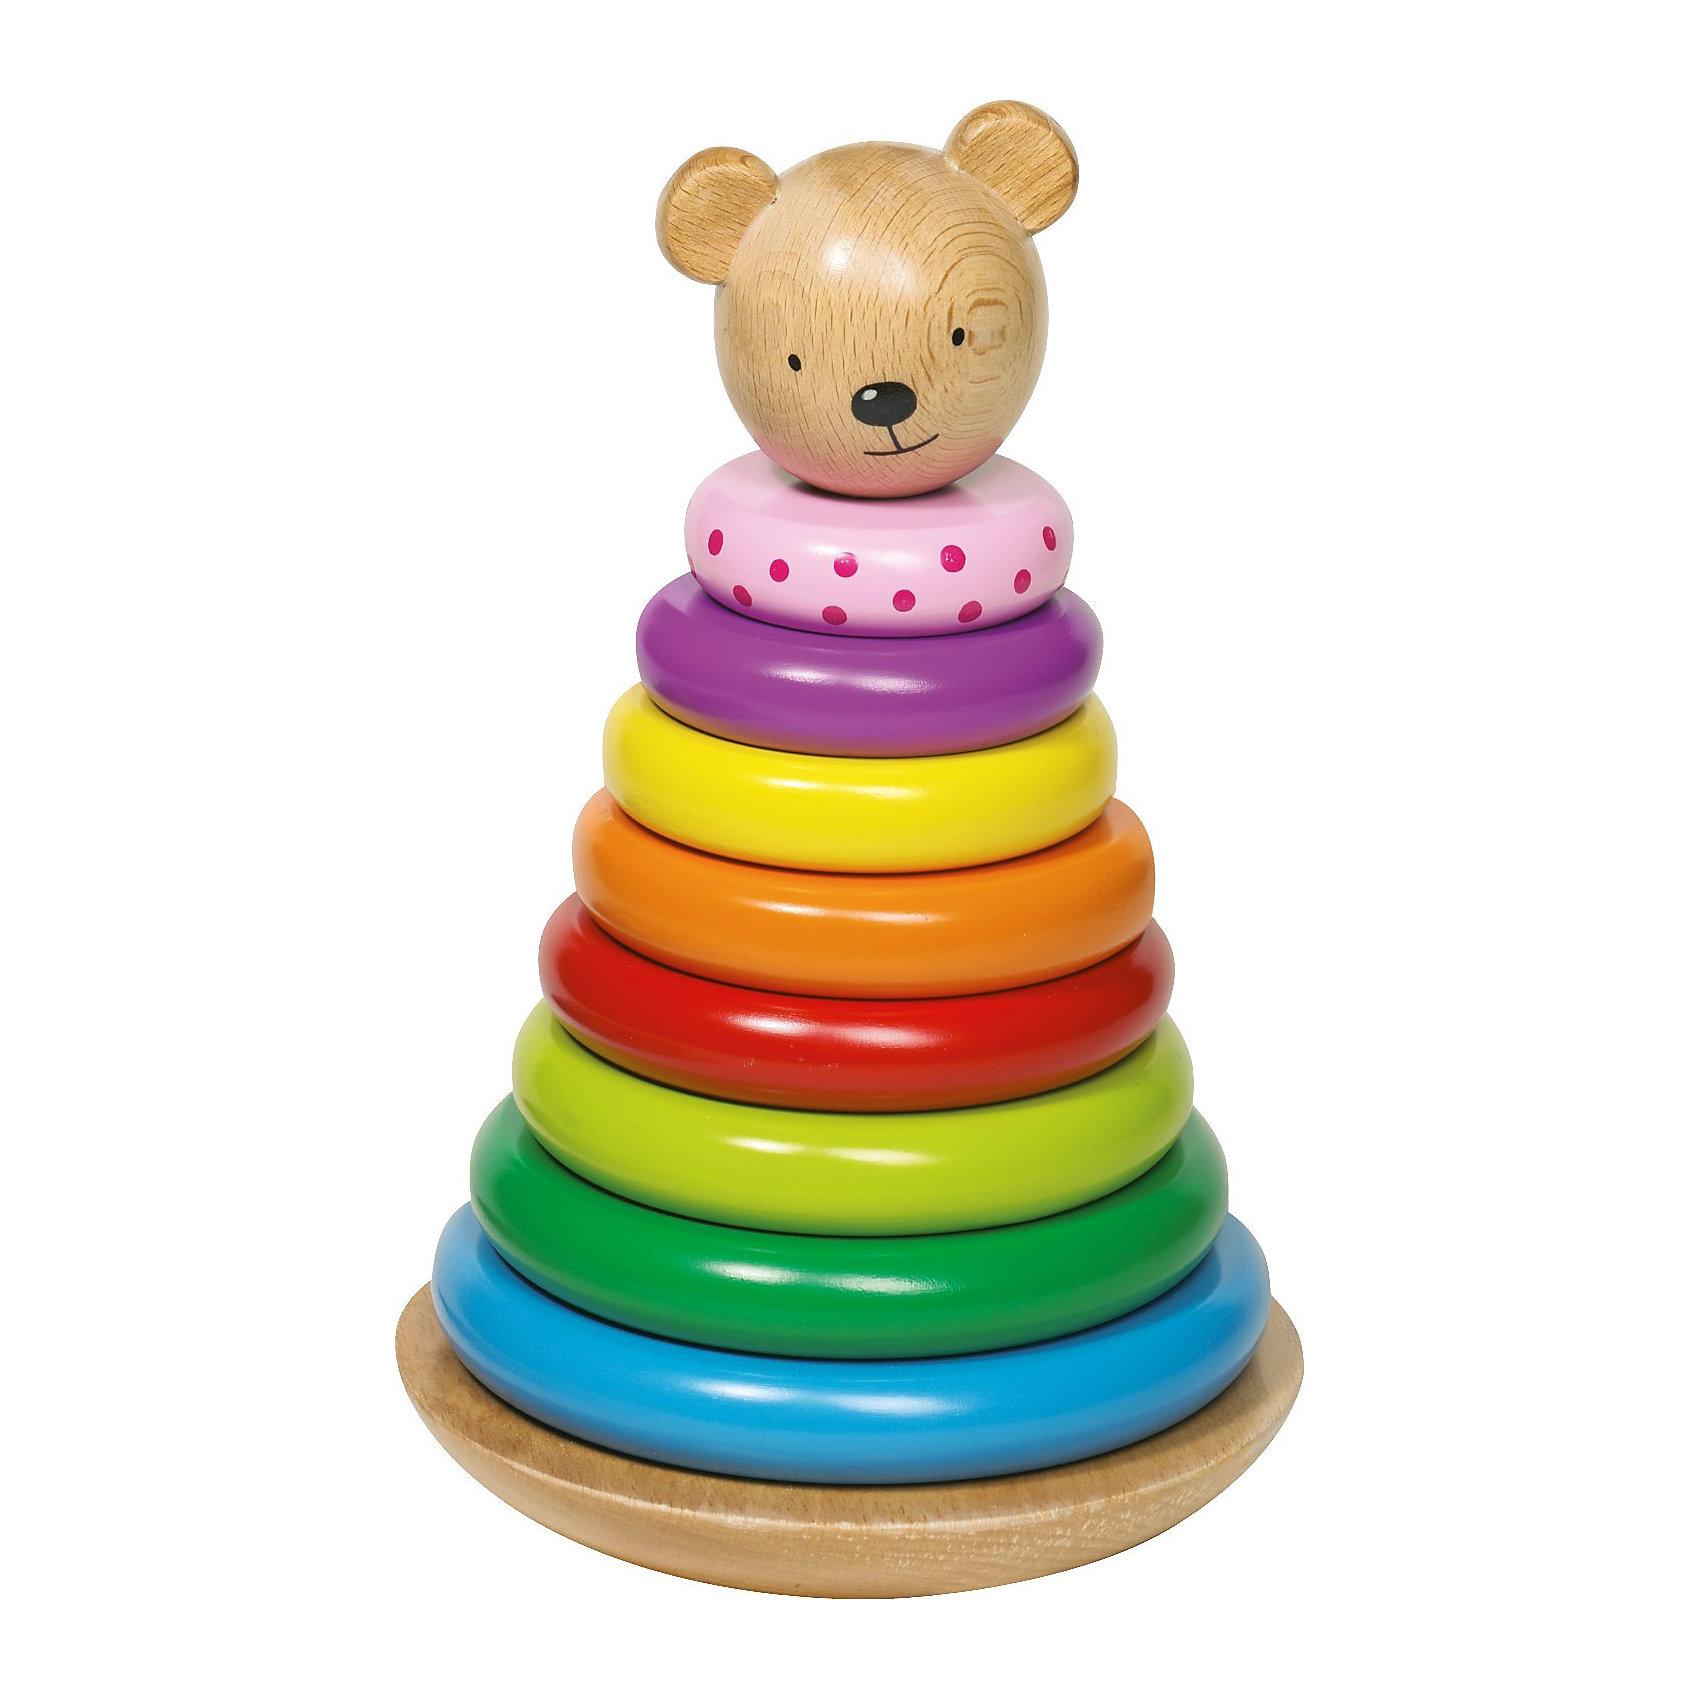 Пирамидка Мишка, gokiЦветная пирамидка Медвежонок. <br><br>Ваш малыш с радостью будет складывать яркую пирамидку. А для того, чтобы сложить все колечки правильно, ему нужно будет немного постараться. <br><br>Дополнительная информация:<br><br>Высота: 22 см. <br>Материал: дерево.<br><br>Ширина мм: 237<br>Глубина мм: 147<br>Высота мм: 147<br>Вес г: 991<br>Возраст от месяцев: 18<br>Возраст до месяцев: 36<br>Пол: Унисекс<br>Возраст: Детский<br>SKU: 1867653